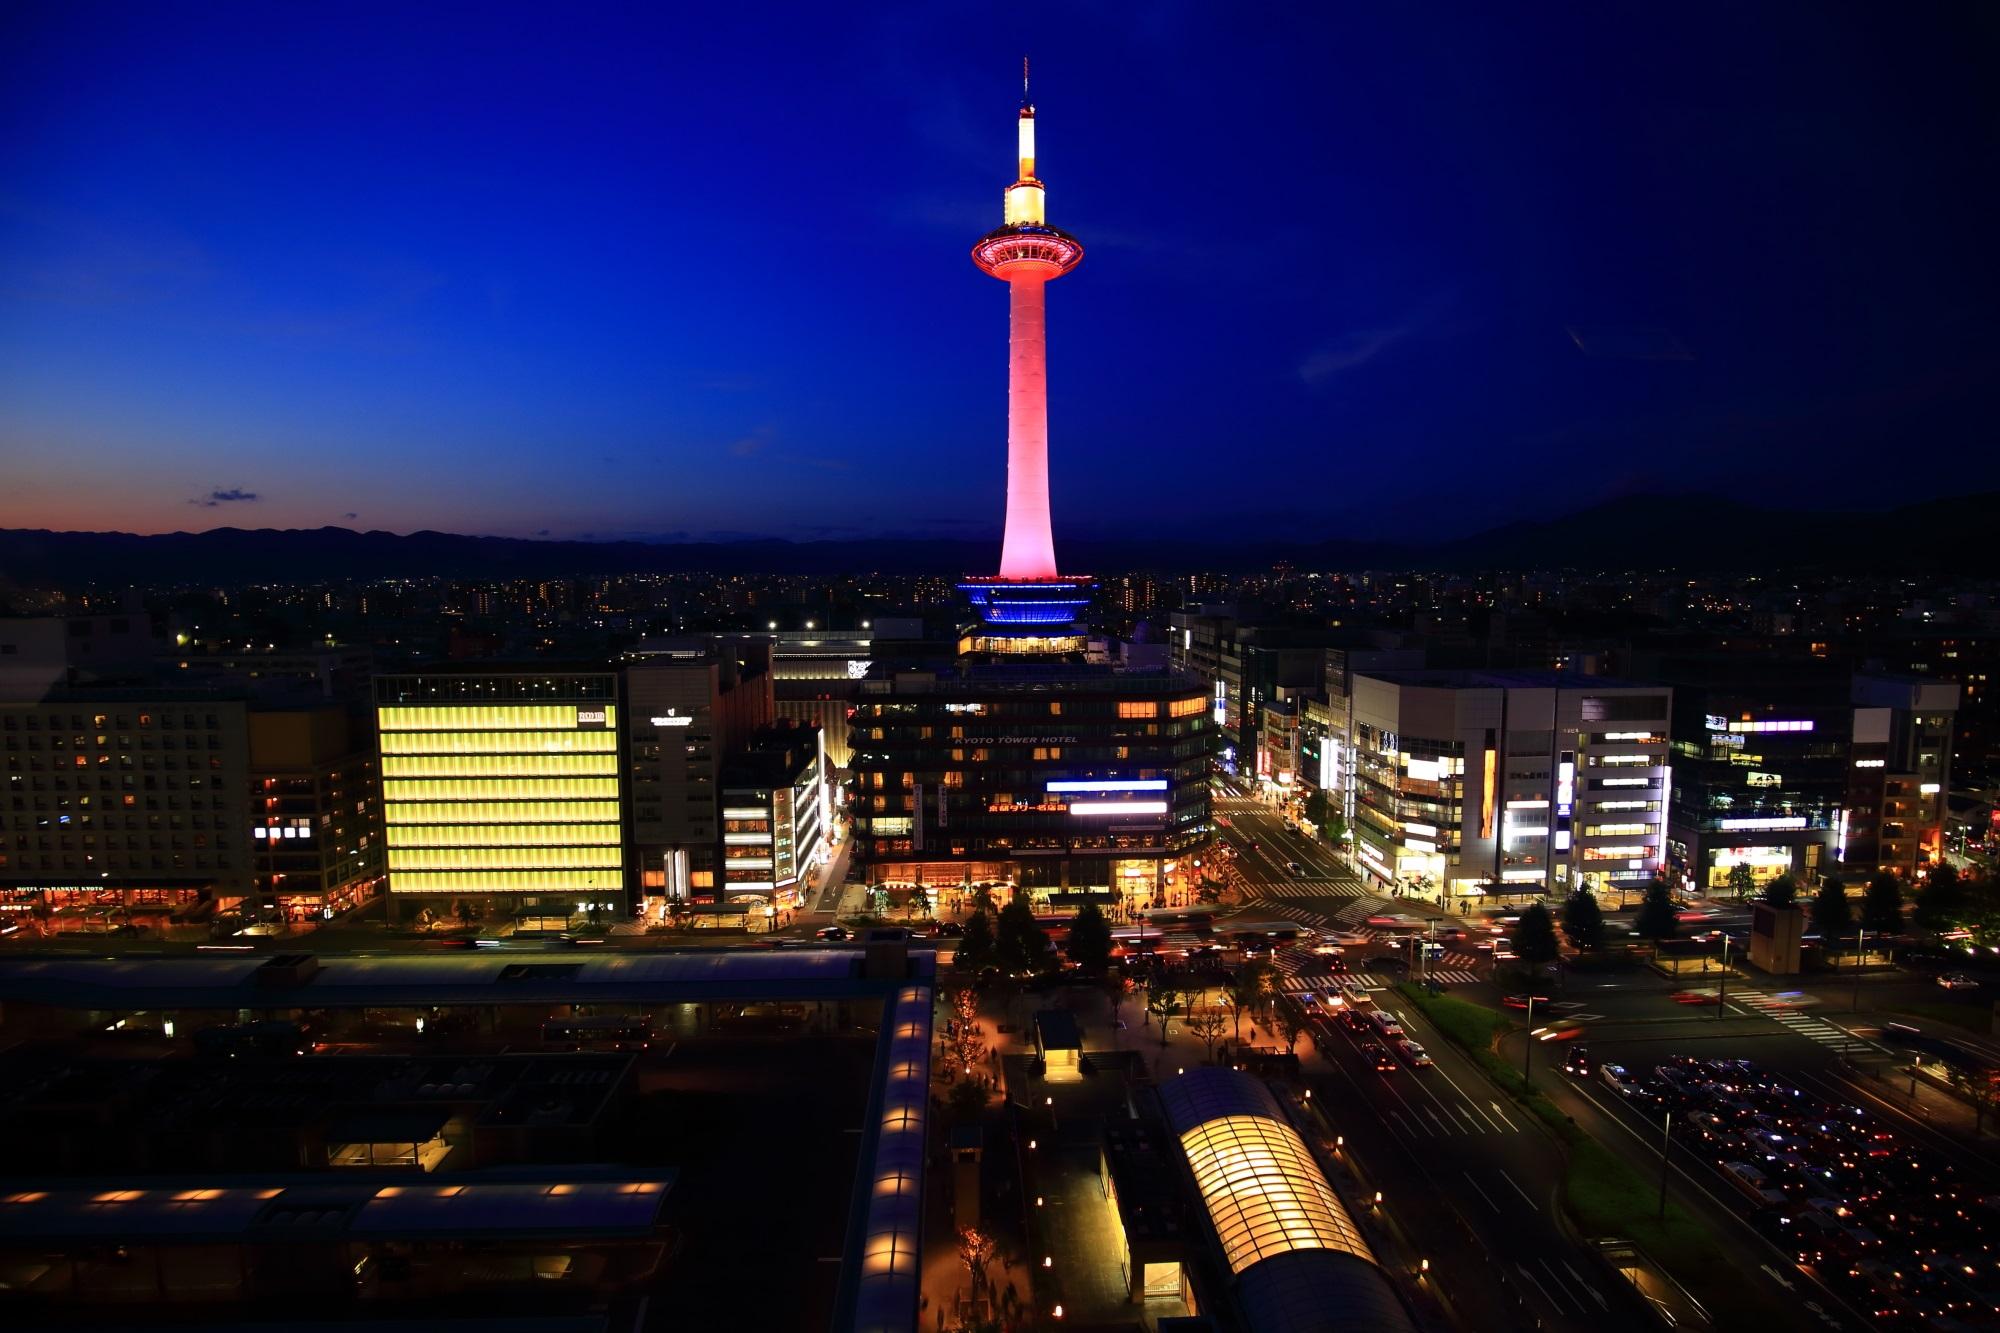 ピンクの京都タワー 綺麗な夜景とピンクリボンライトアップ